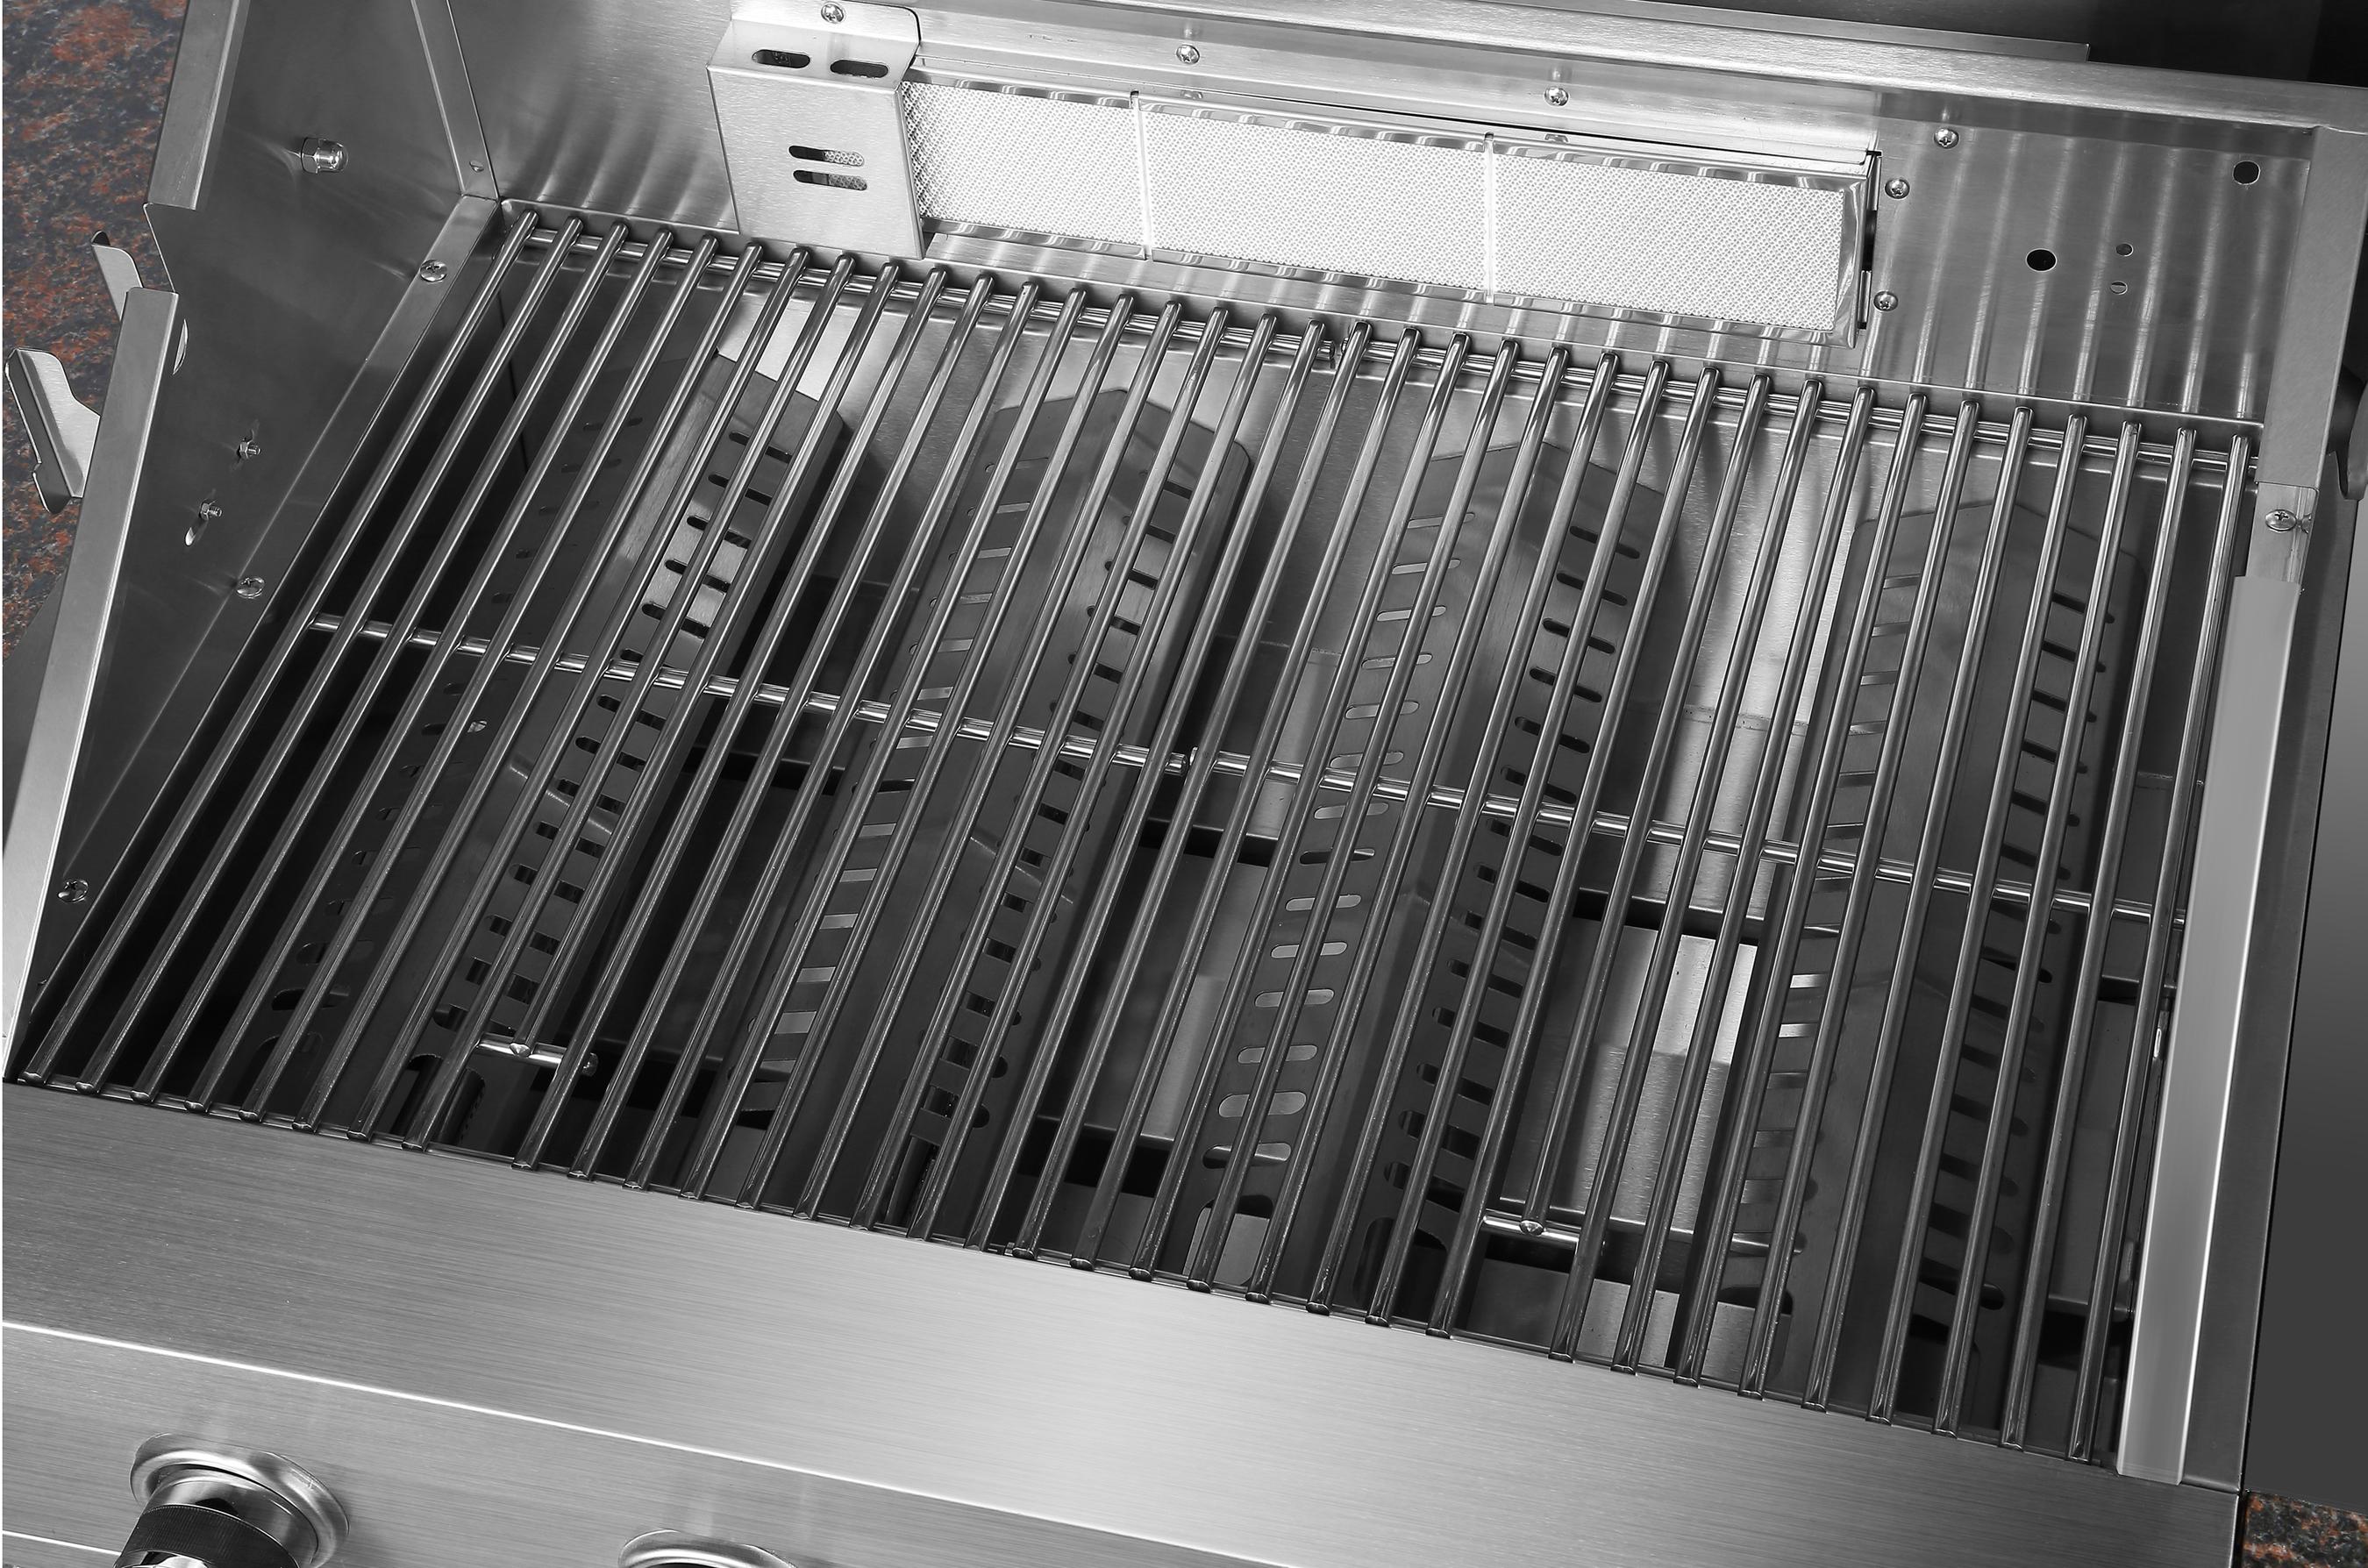 El Fuego Outdoor Grillküche Built In Edelstahl 4 +1 Infrarot Bild 4